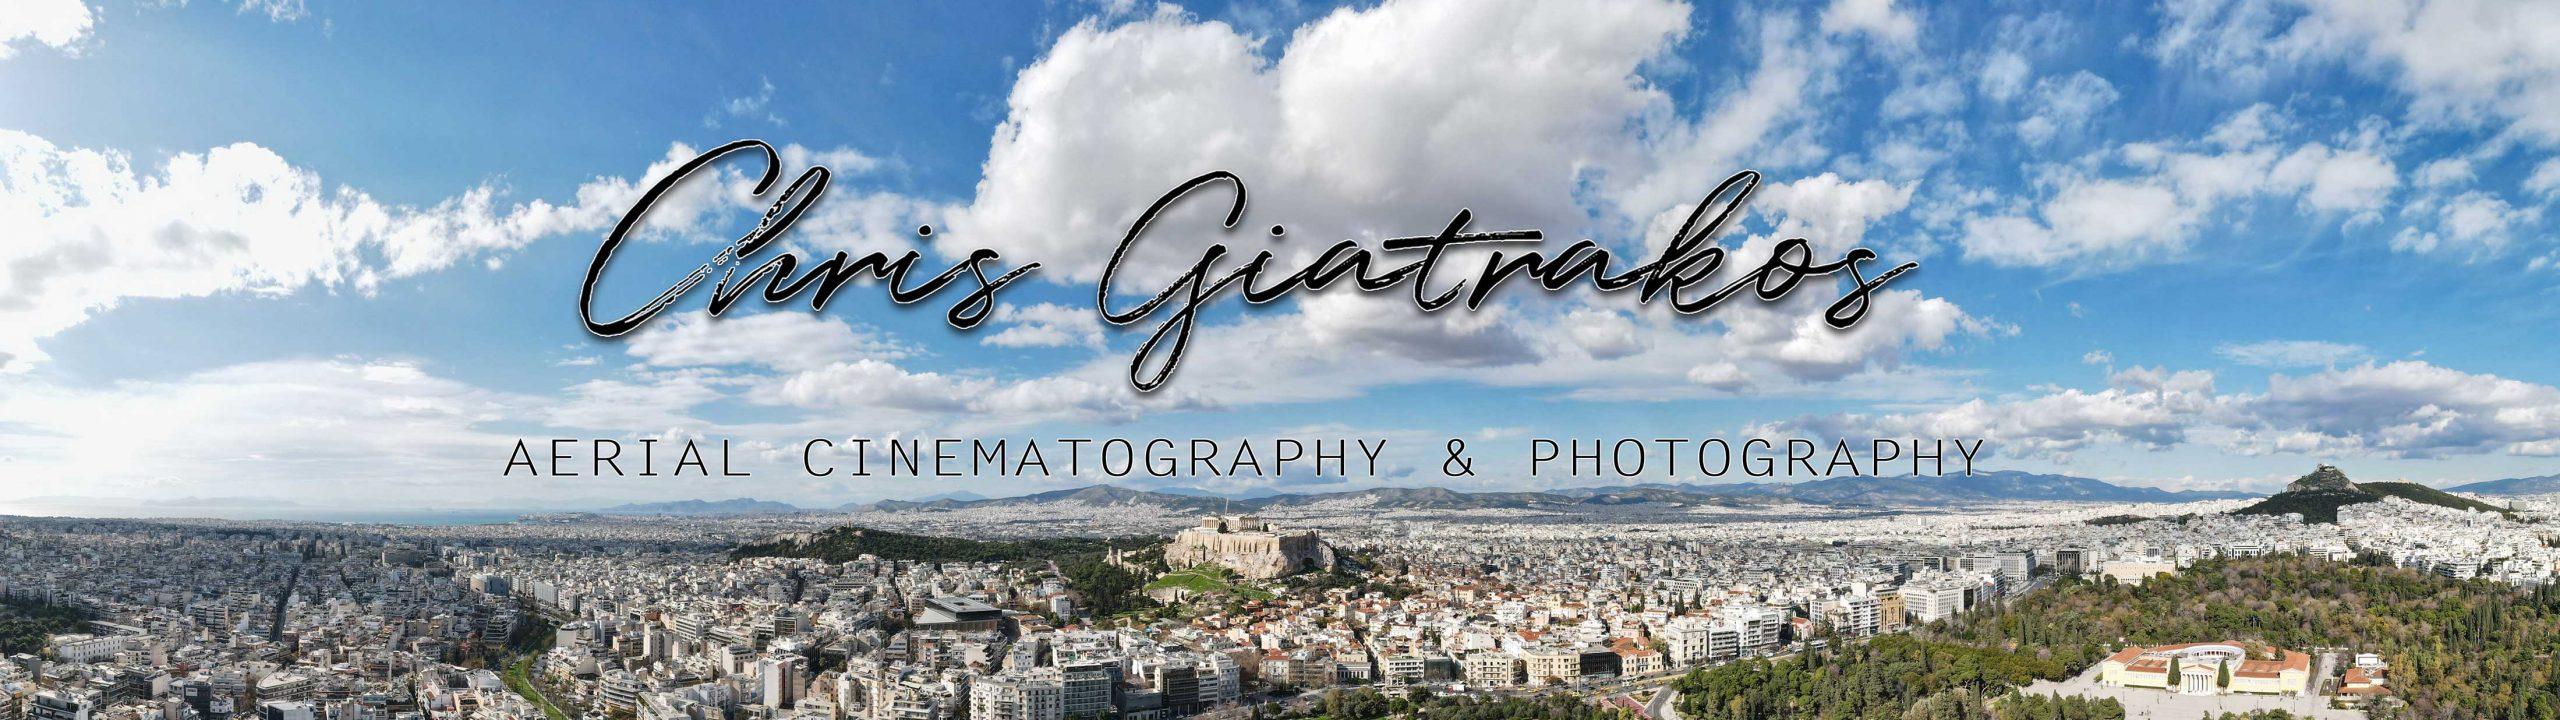 CHRIS-GIATRAKOS-ATHENS_drone-pilot